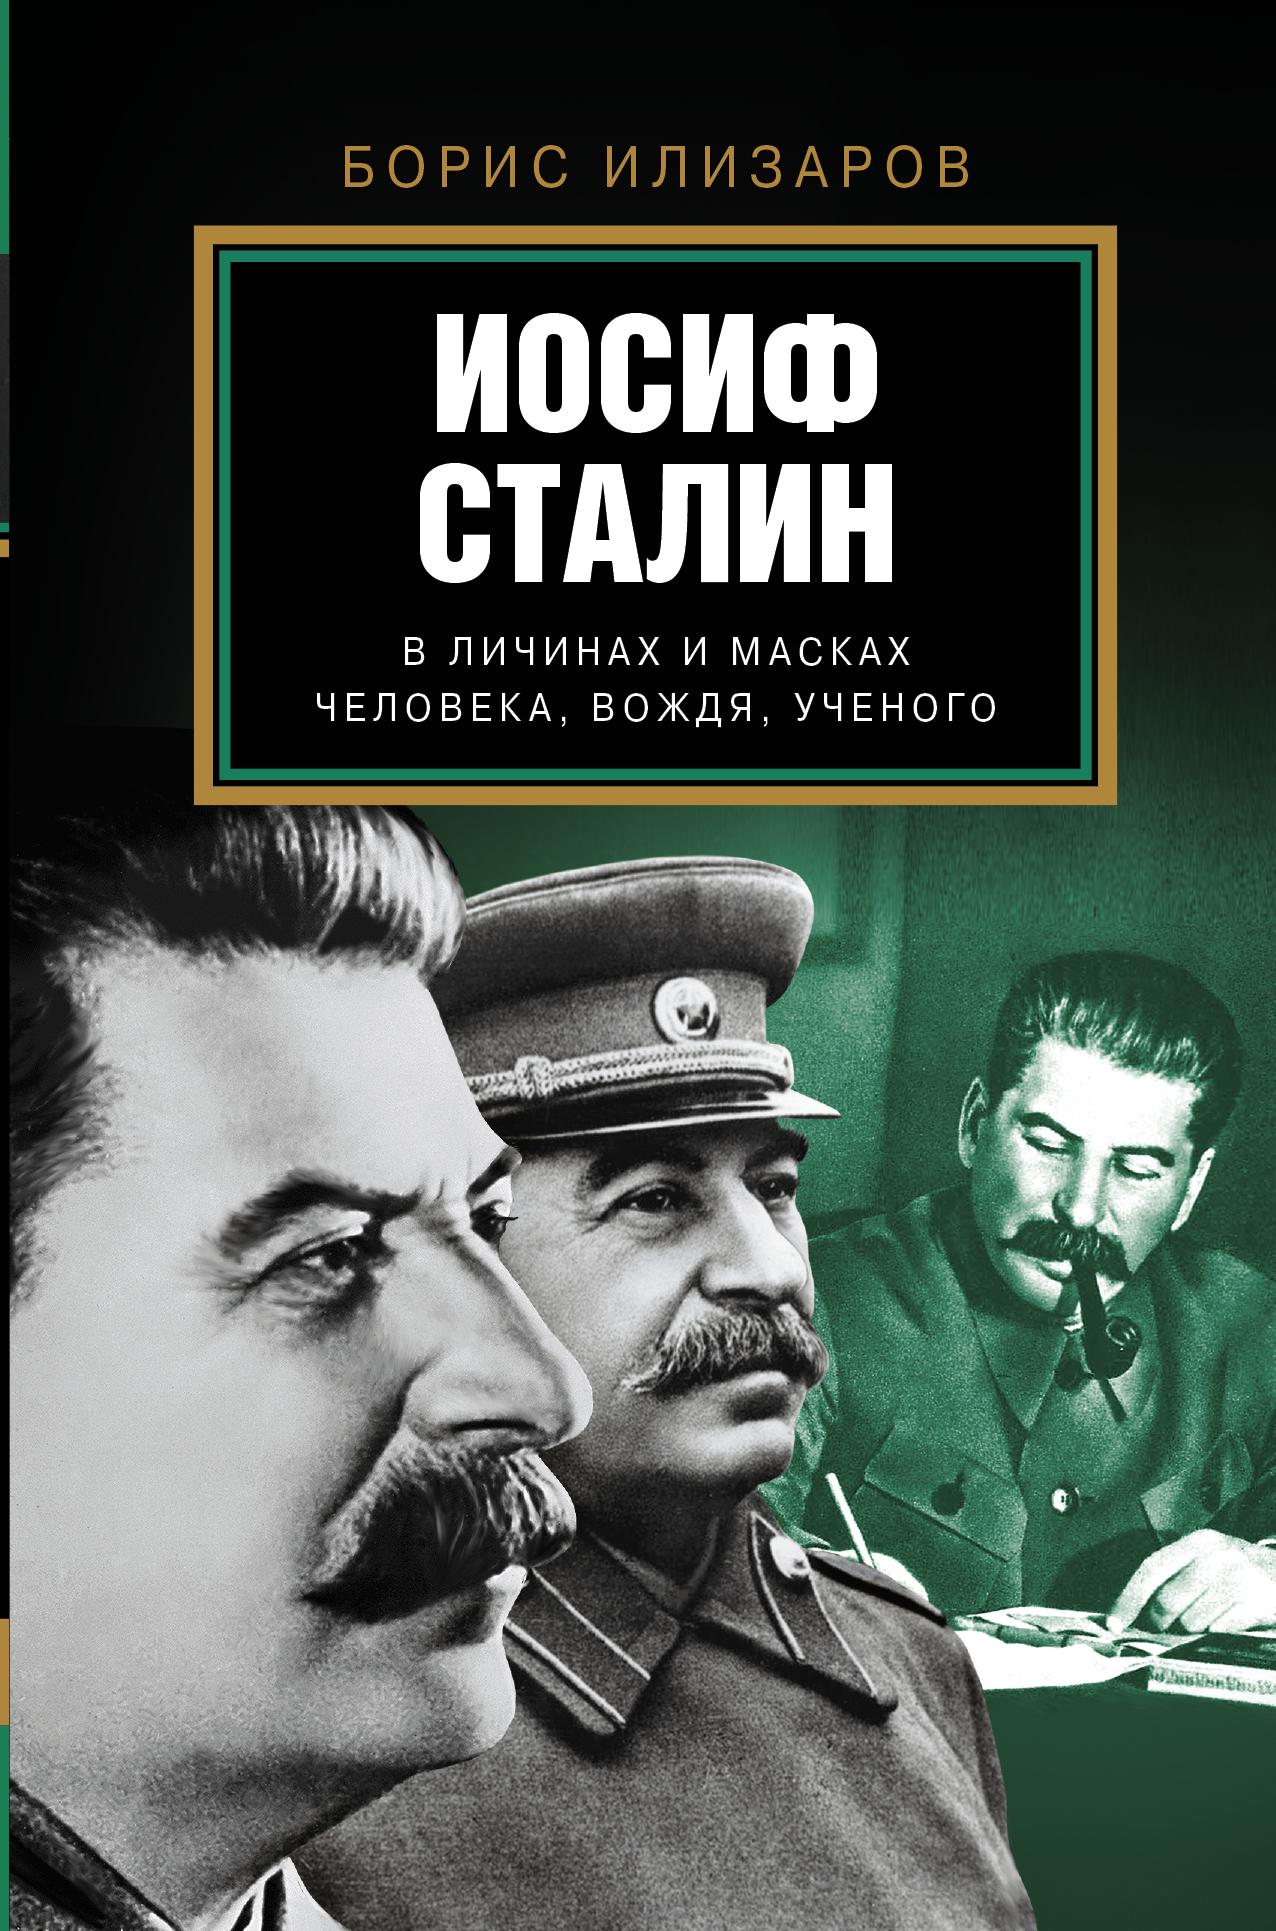 Илизаров Б.С. Иосиф Сталин. В личинах и масках человека, вождя, ученого сталин биография вождя